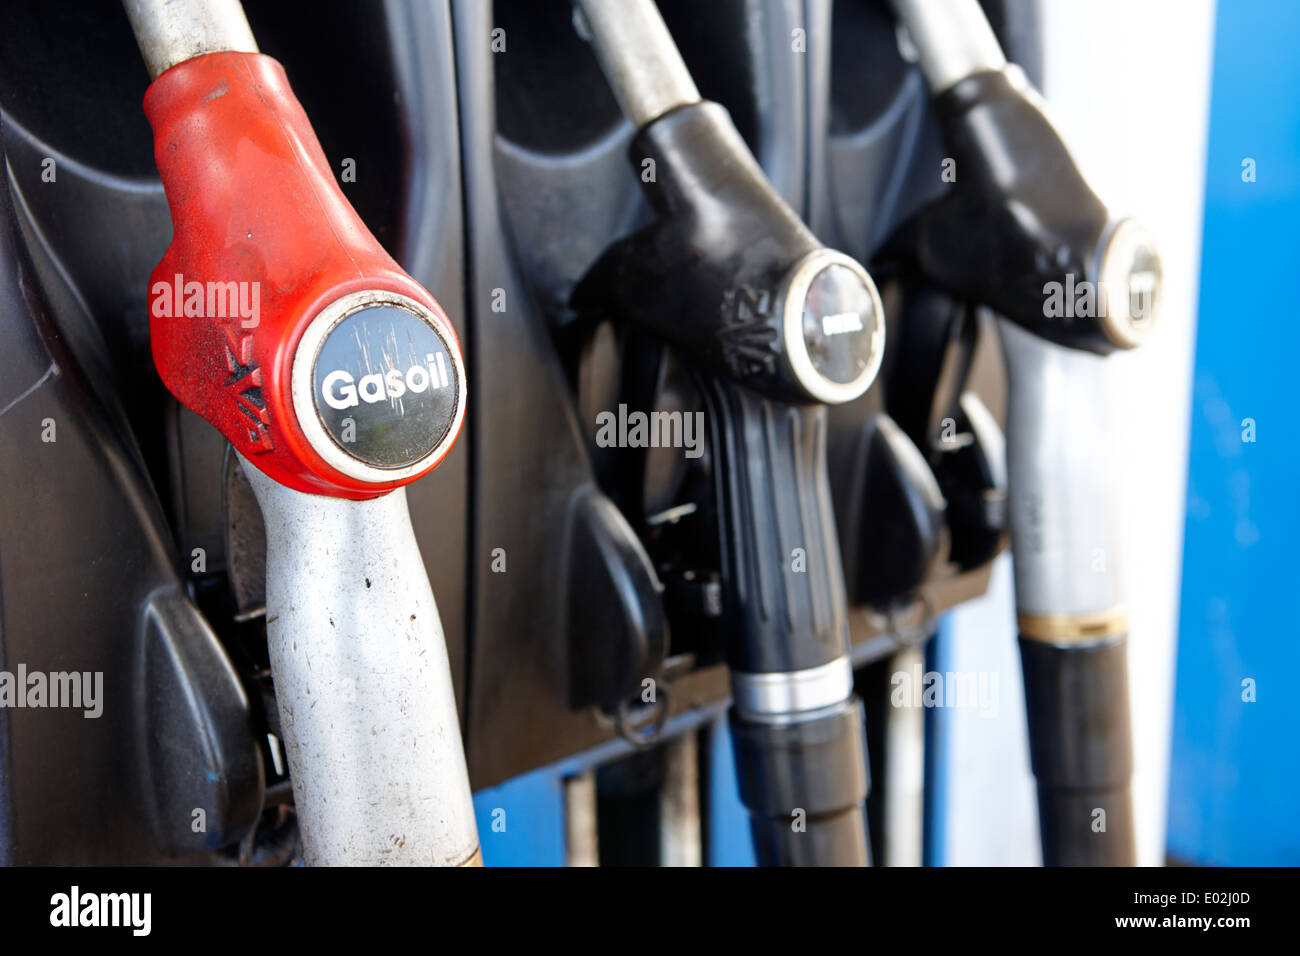 7c060ec8e864 Gas y petróleo diesel de alta velocidad las bombas diesel de biocombustible  en una gasolinera IRLANDA DEL NORTE